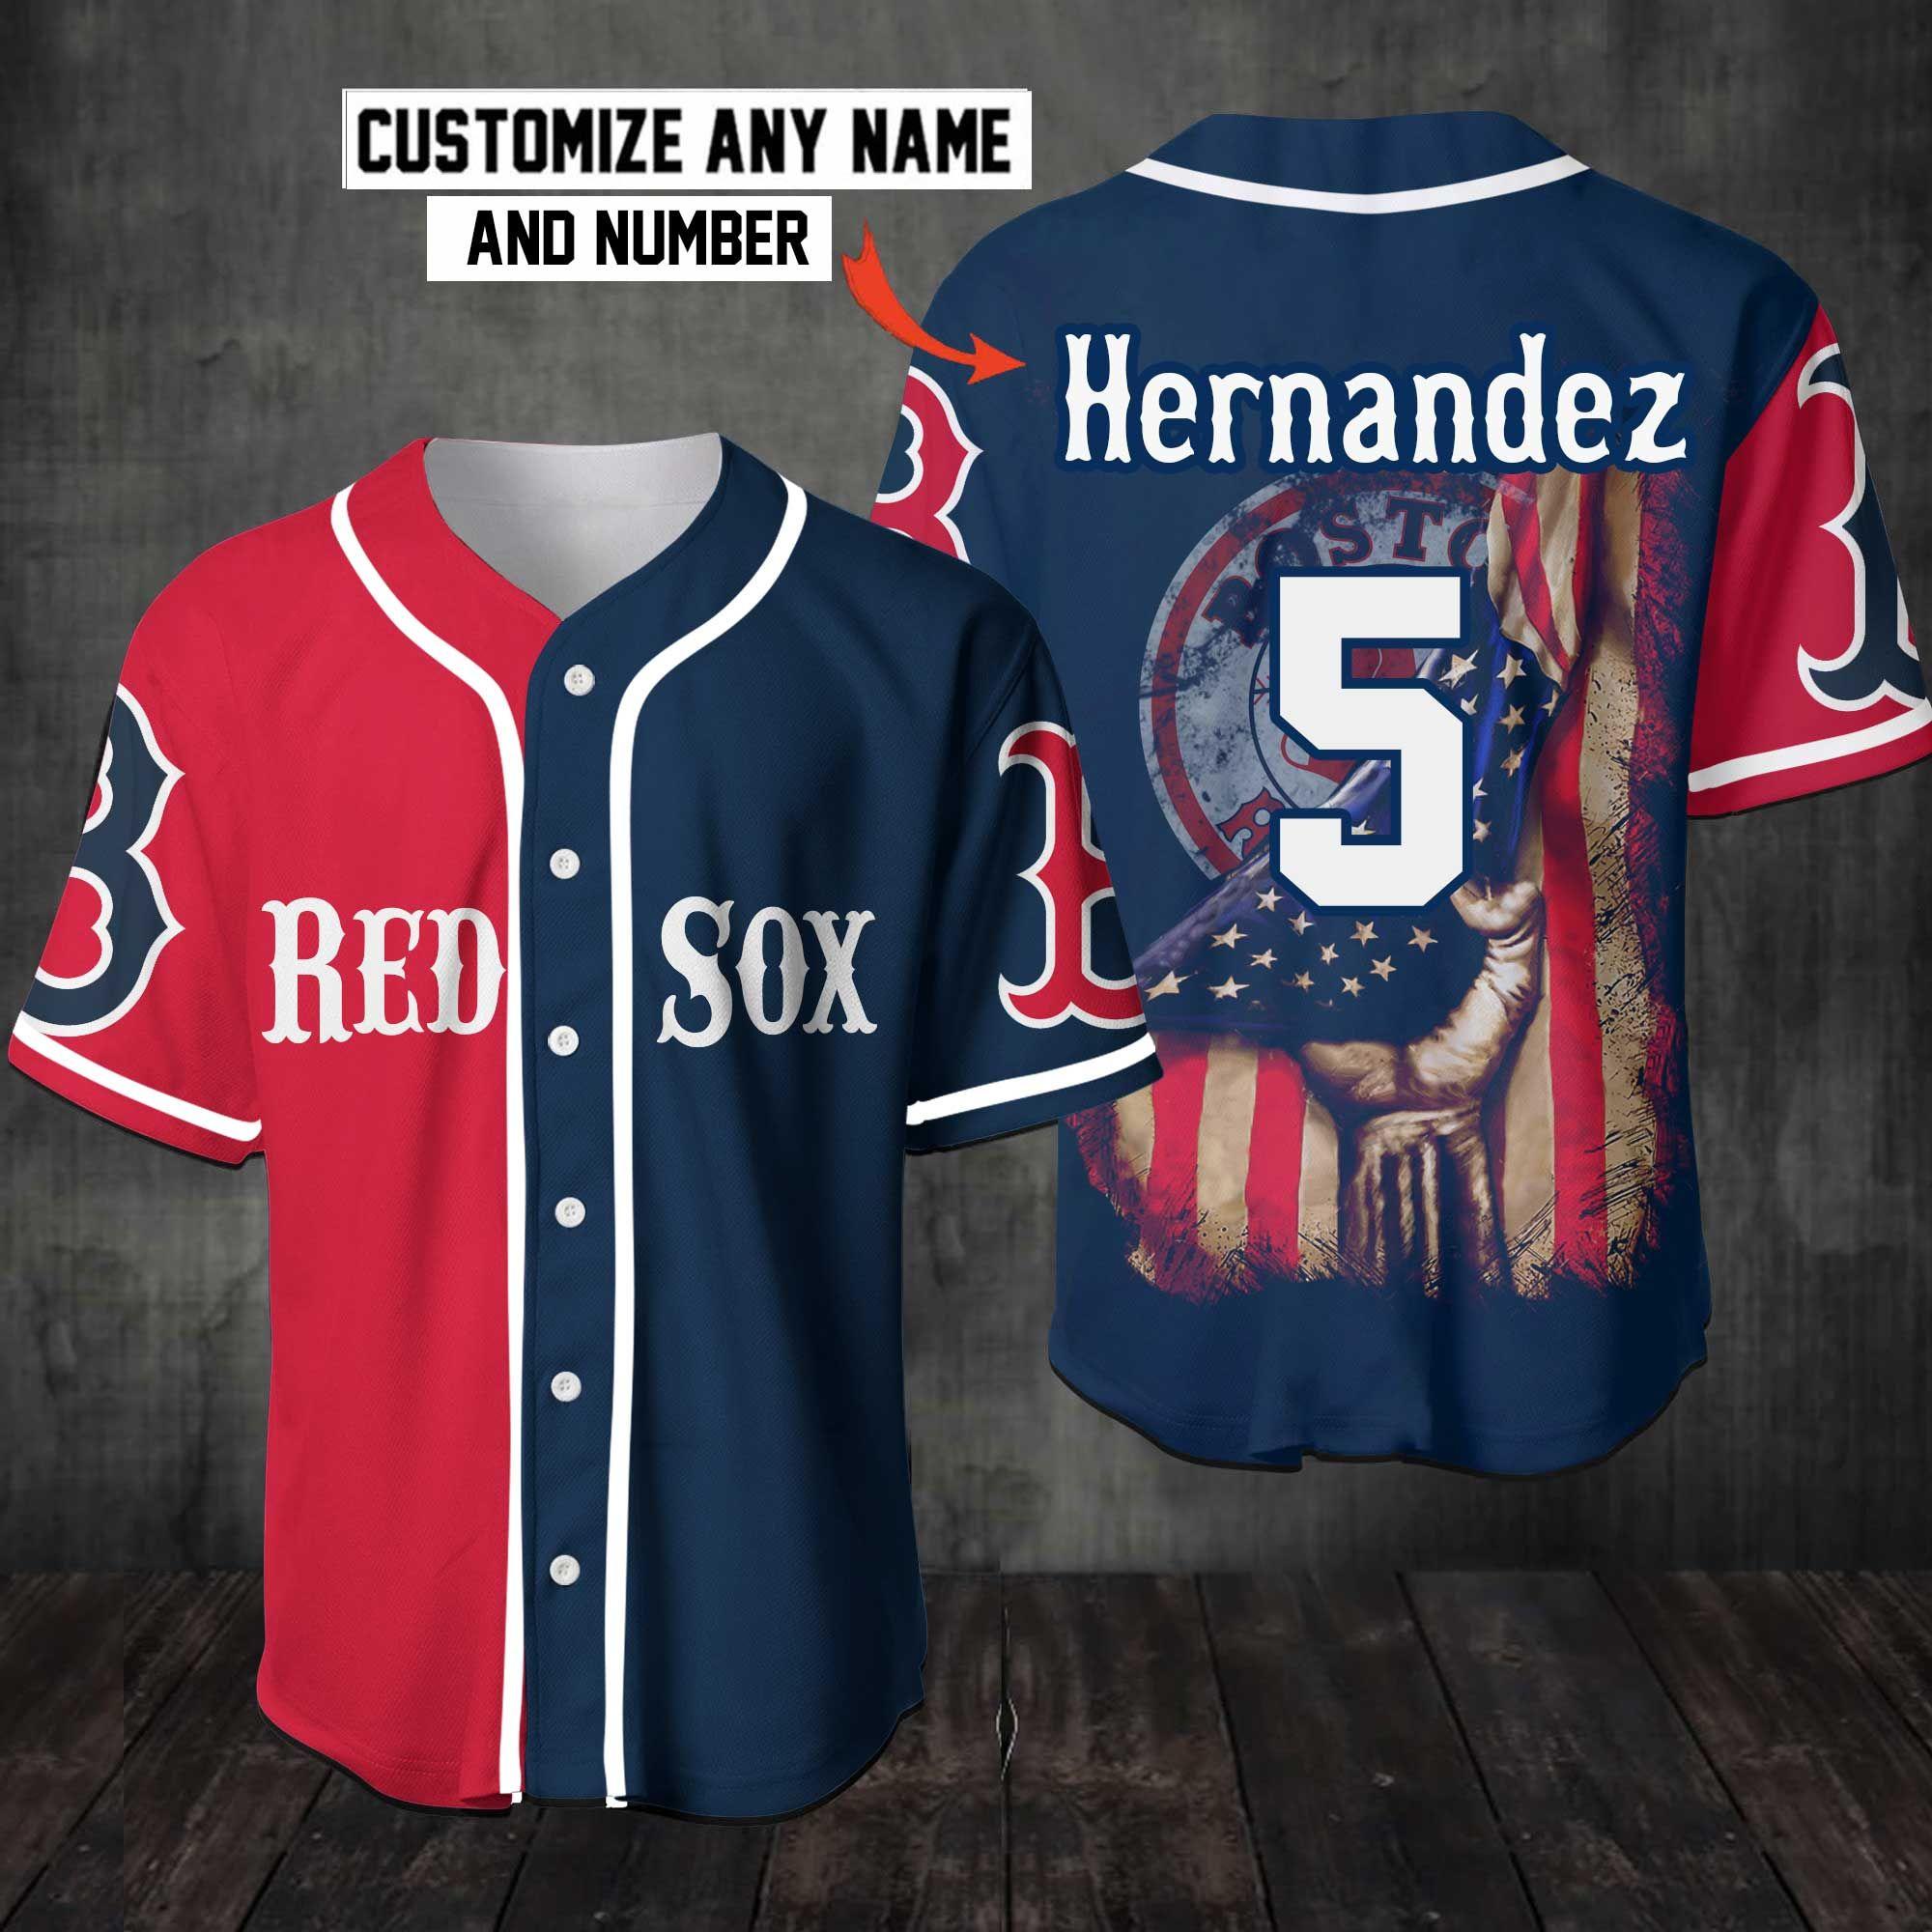 Red Sox Baseball Jersey shirt Customize Name Number